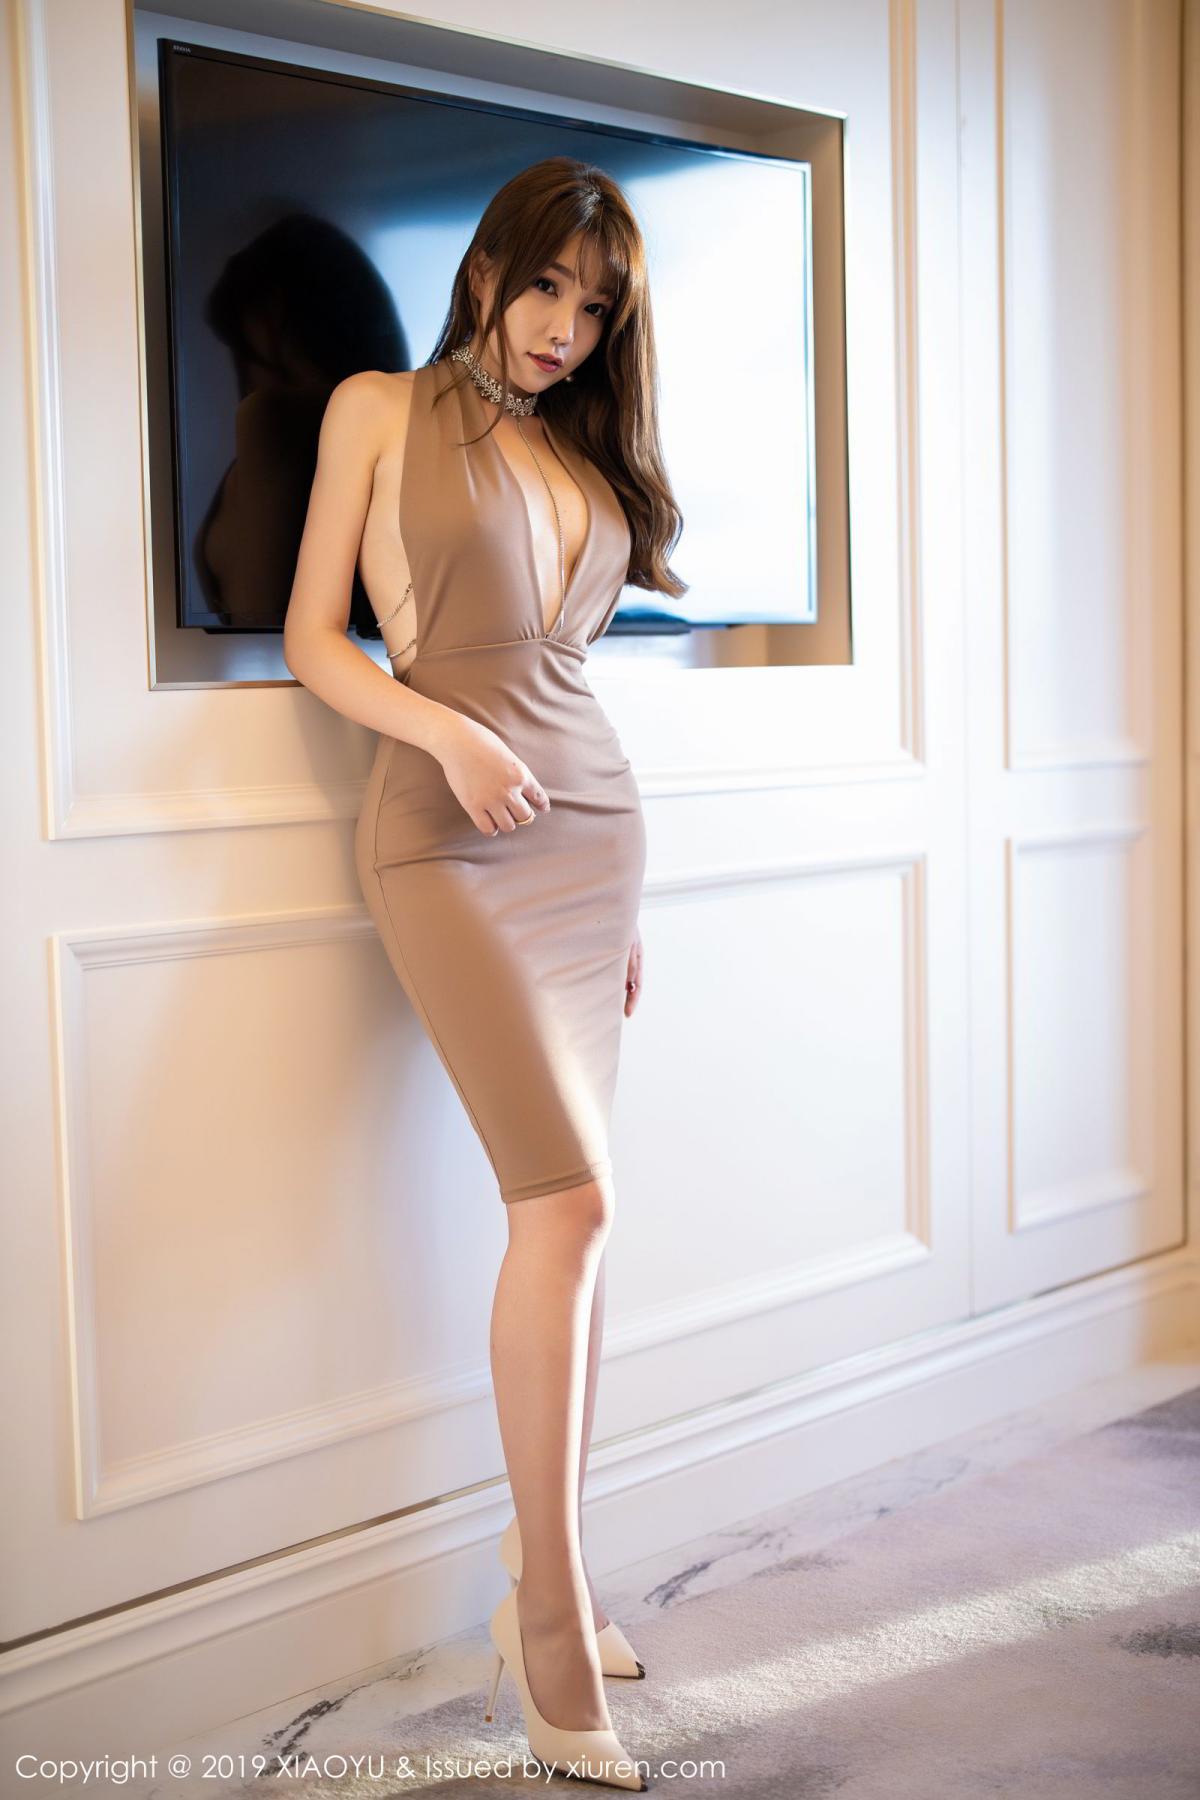 [XiaoYu] Vol.192 Chen Zhi 50P, Chen Zhi, Cheongsam, Tall, XiaoYu